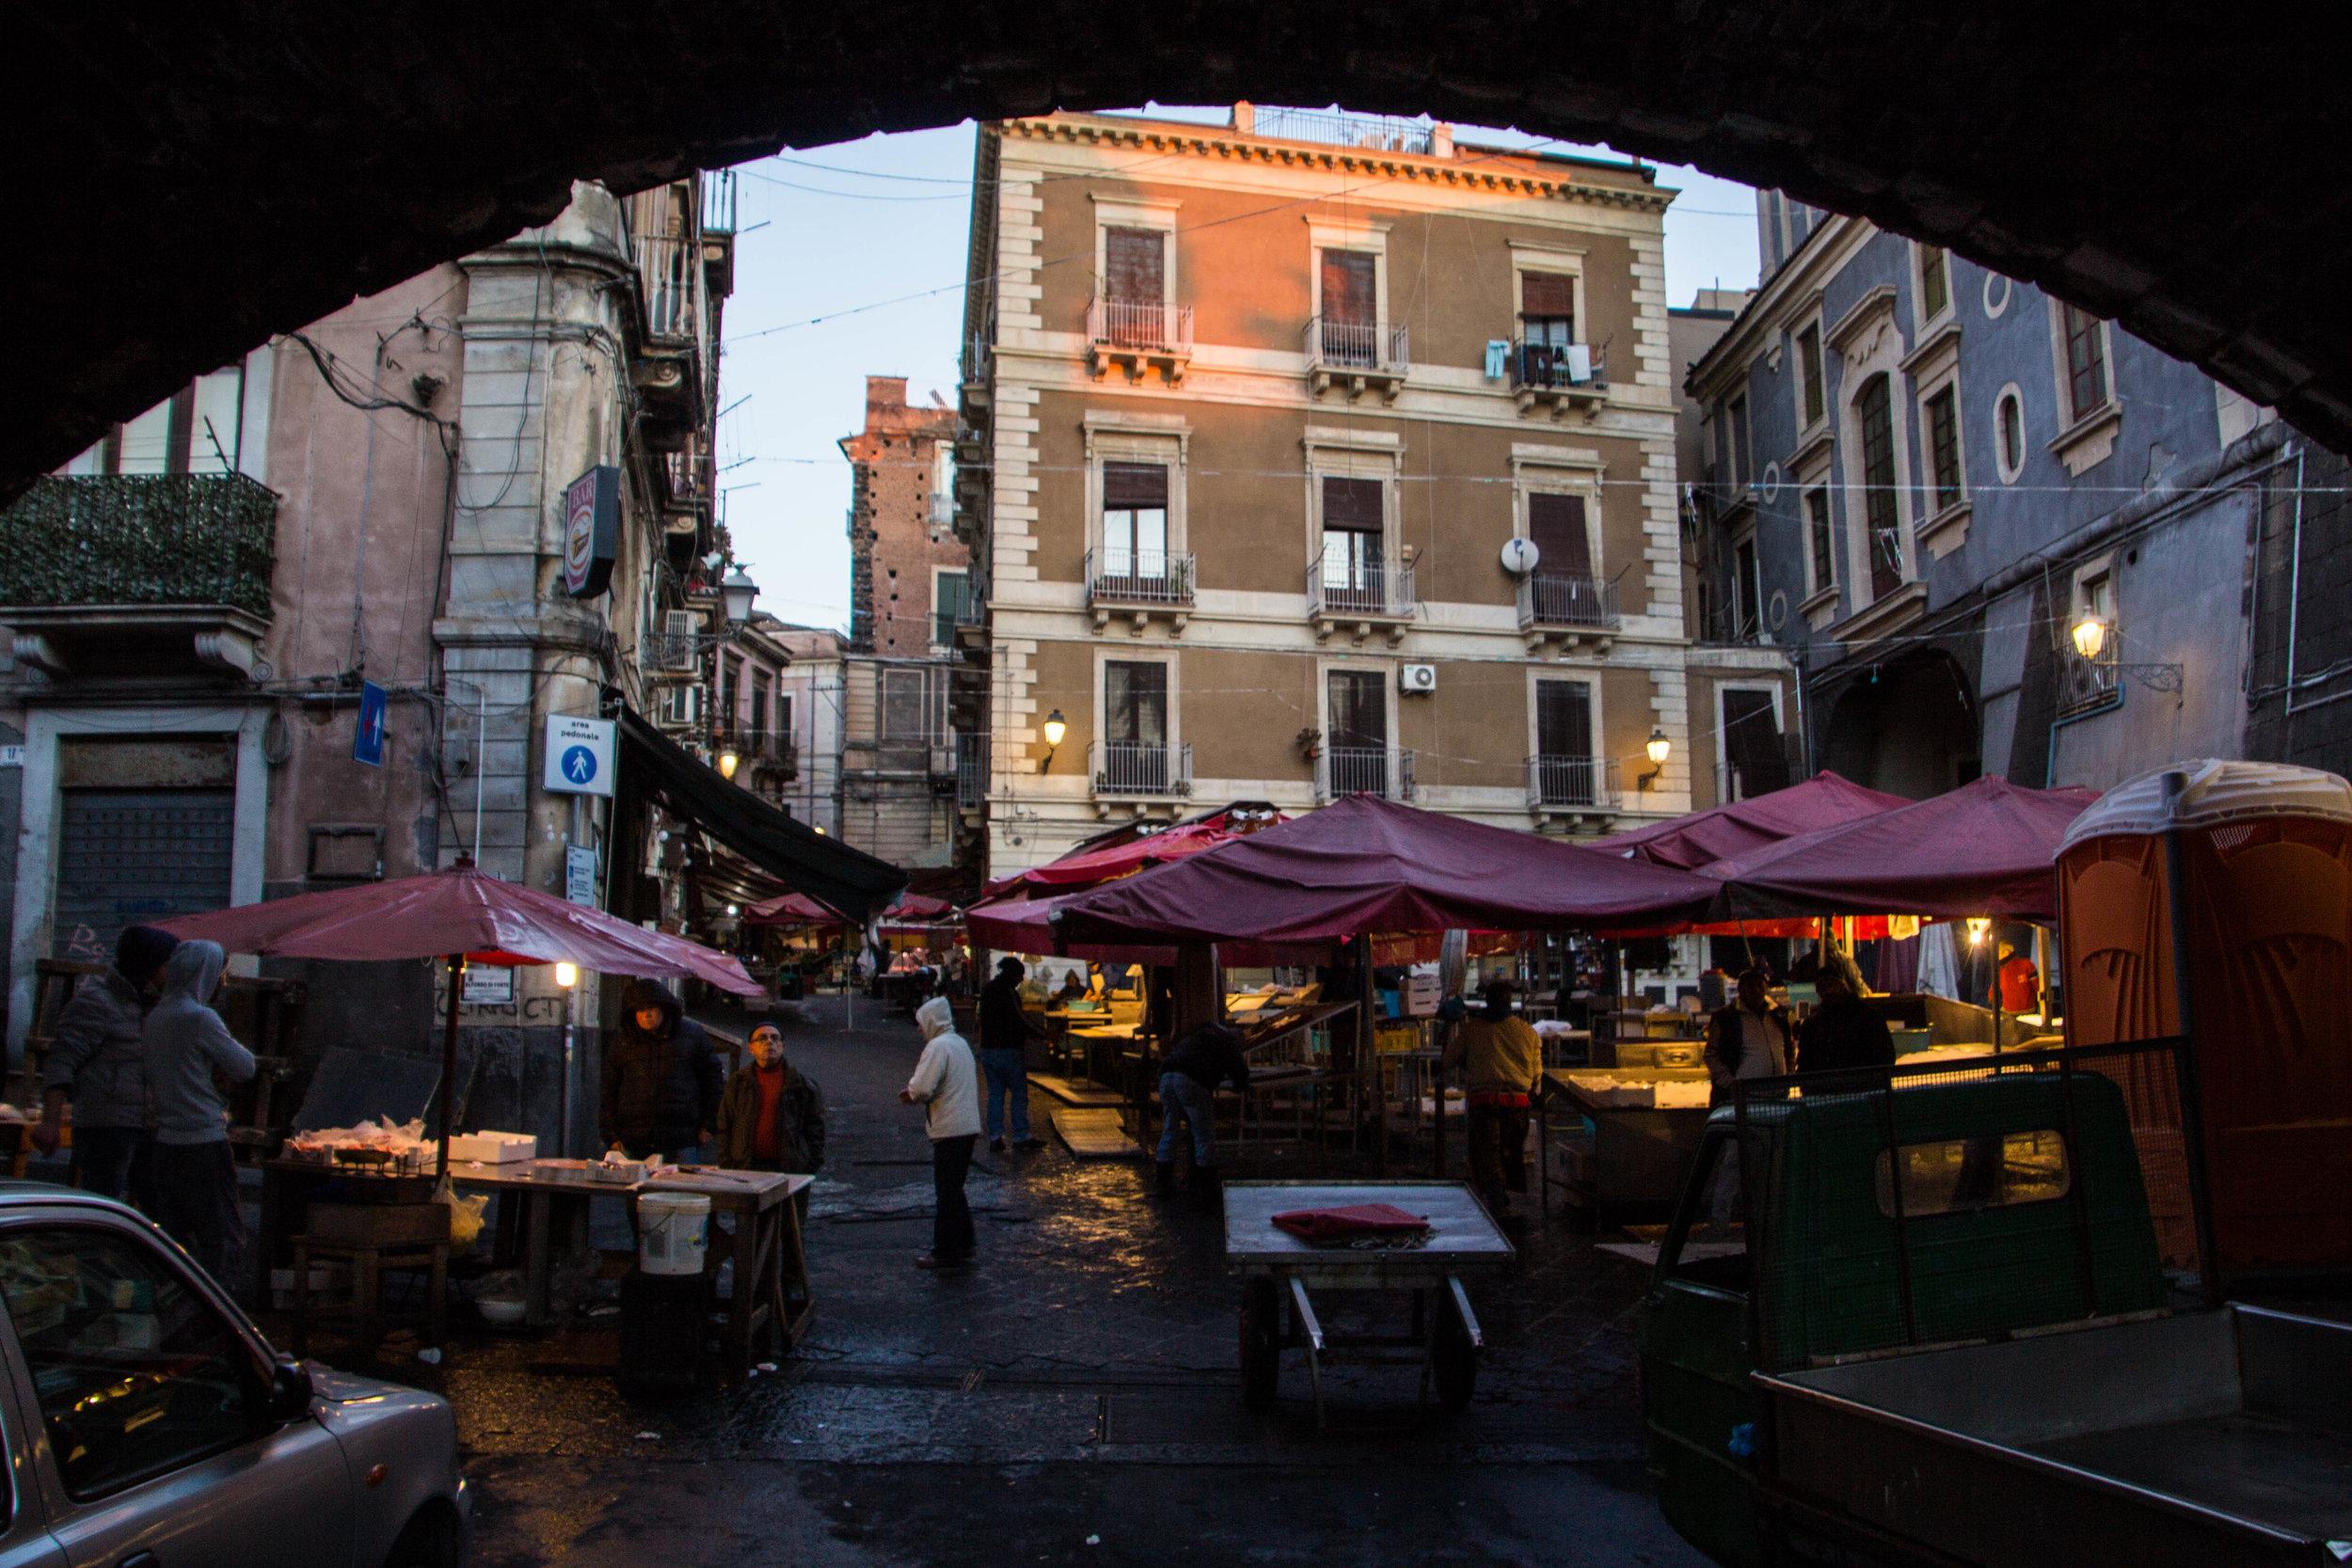 fish-market-catania-sicily-28.jpg